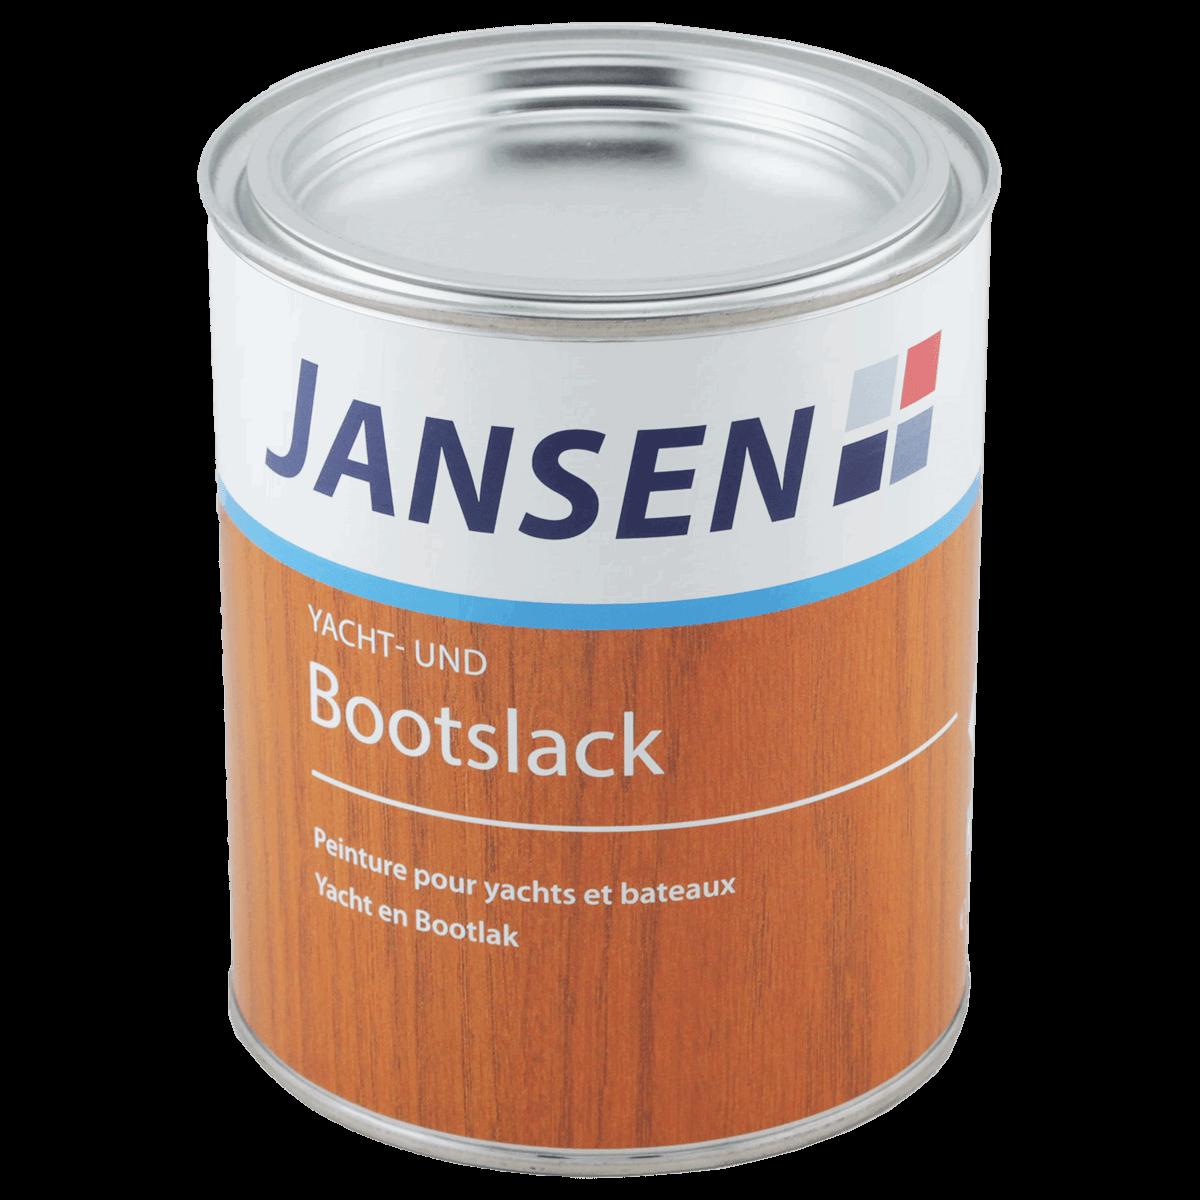 Jansen Yacht  und Bootslack Klarlack